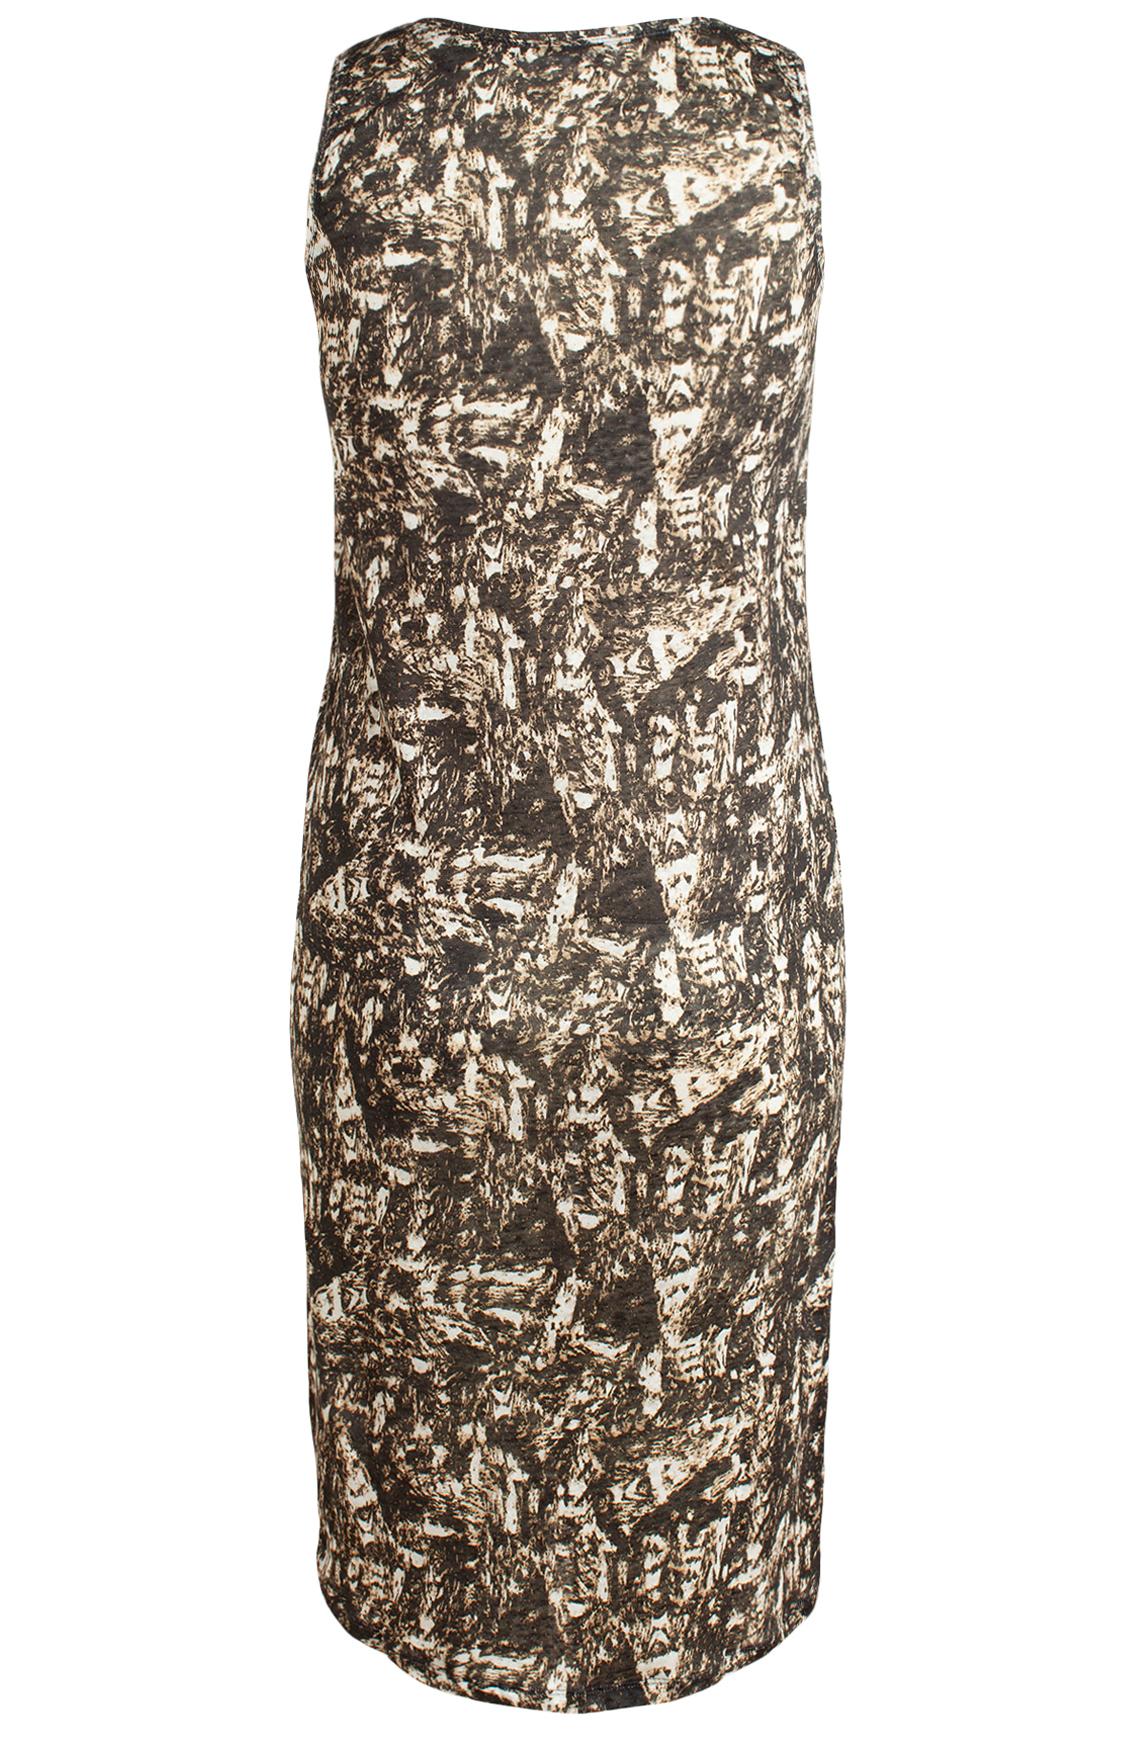 Moscow Dames Linnen singlet jurk zwart